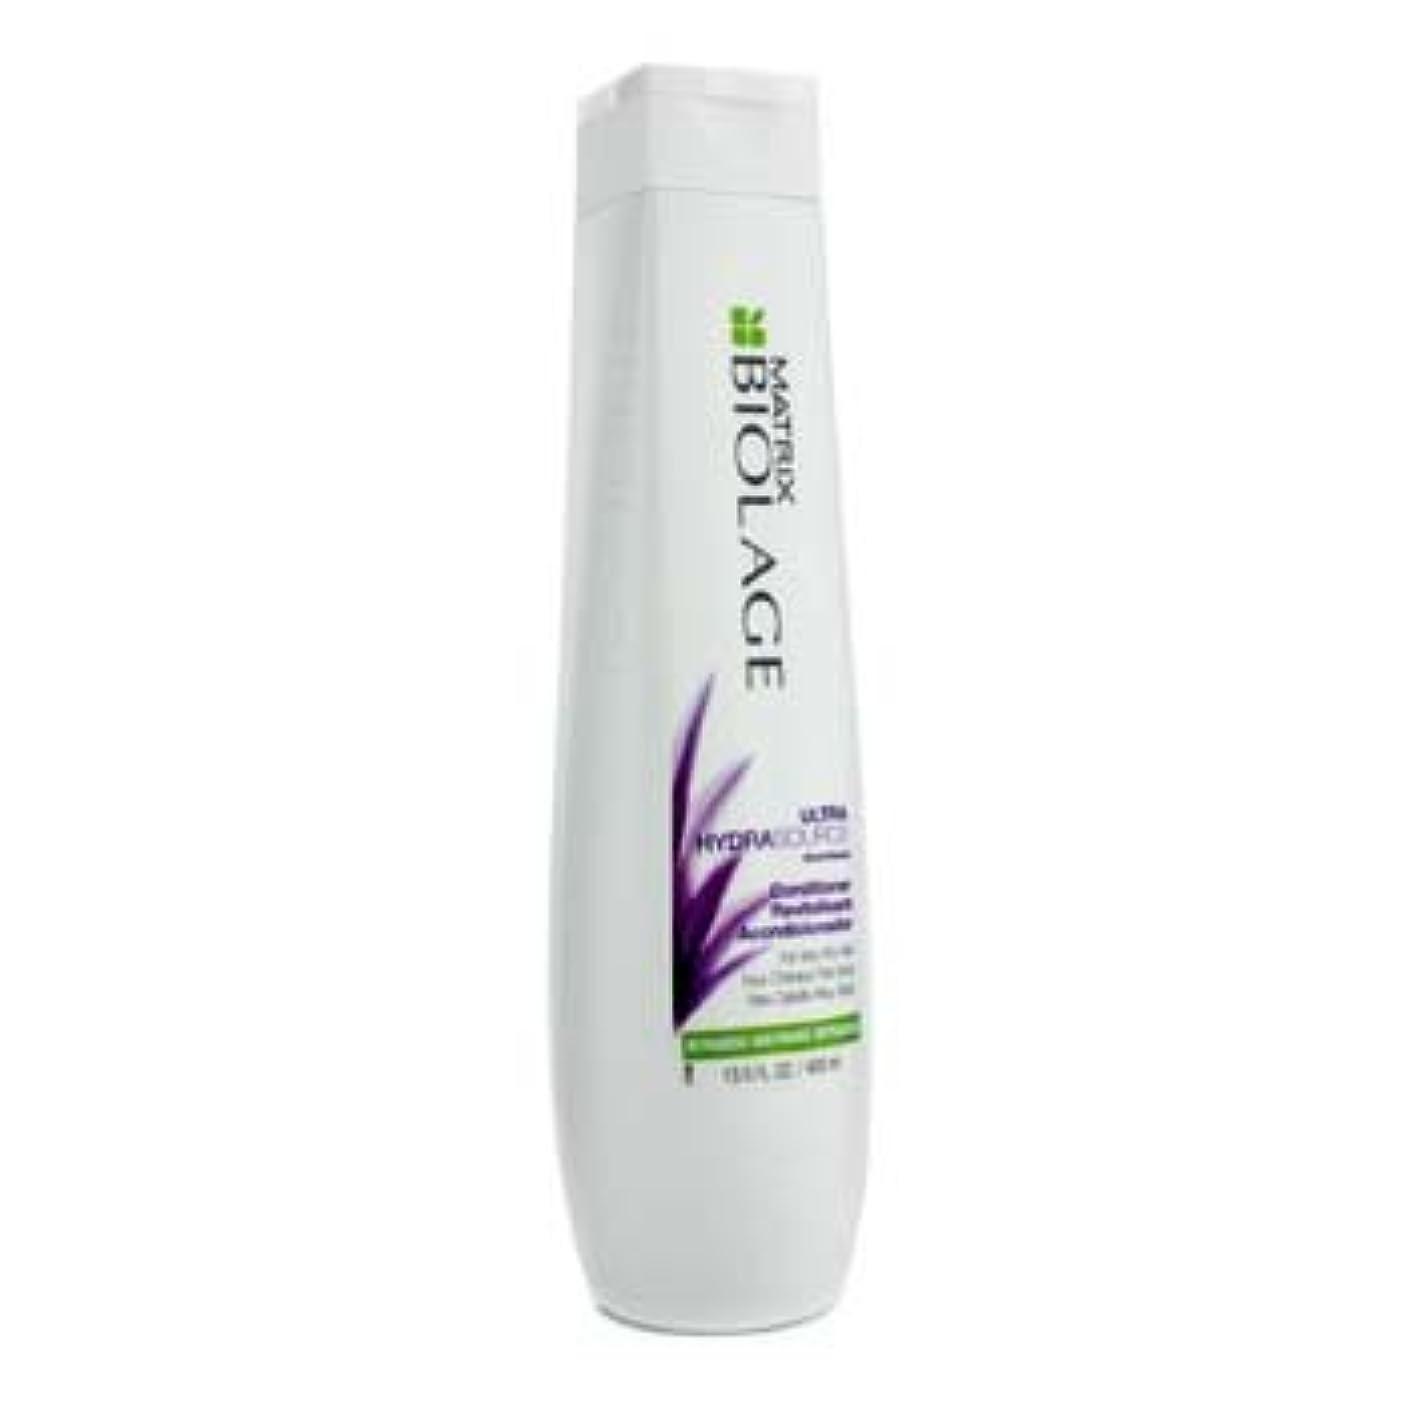 規範家族ピッチ[Matrix] Biolage Ultra HydraSource Conditioner (For Very Dry Hair) 400ml/13.5oz